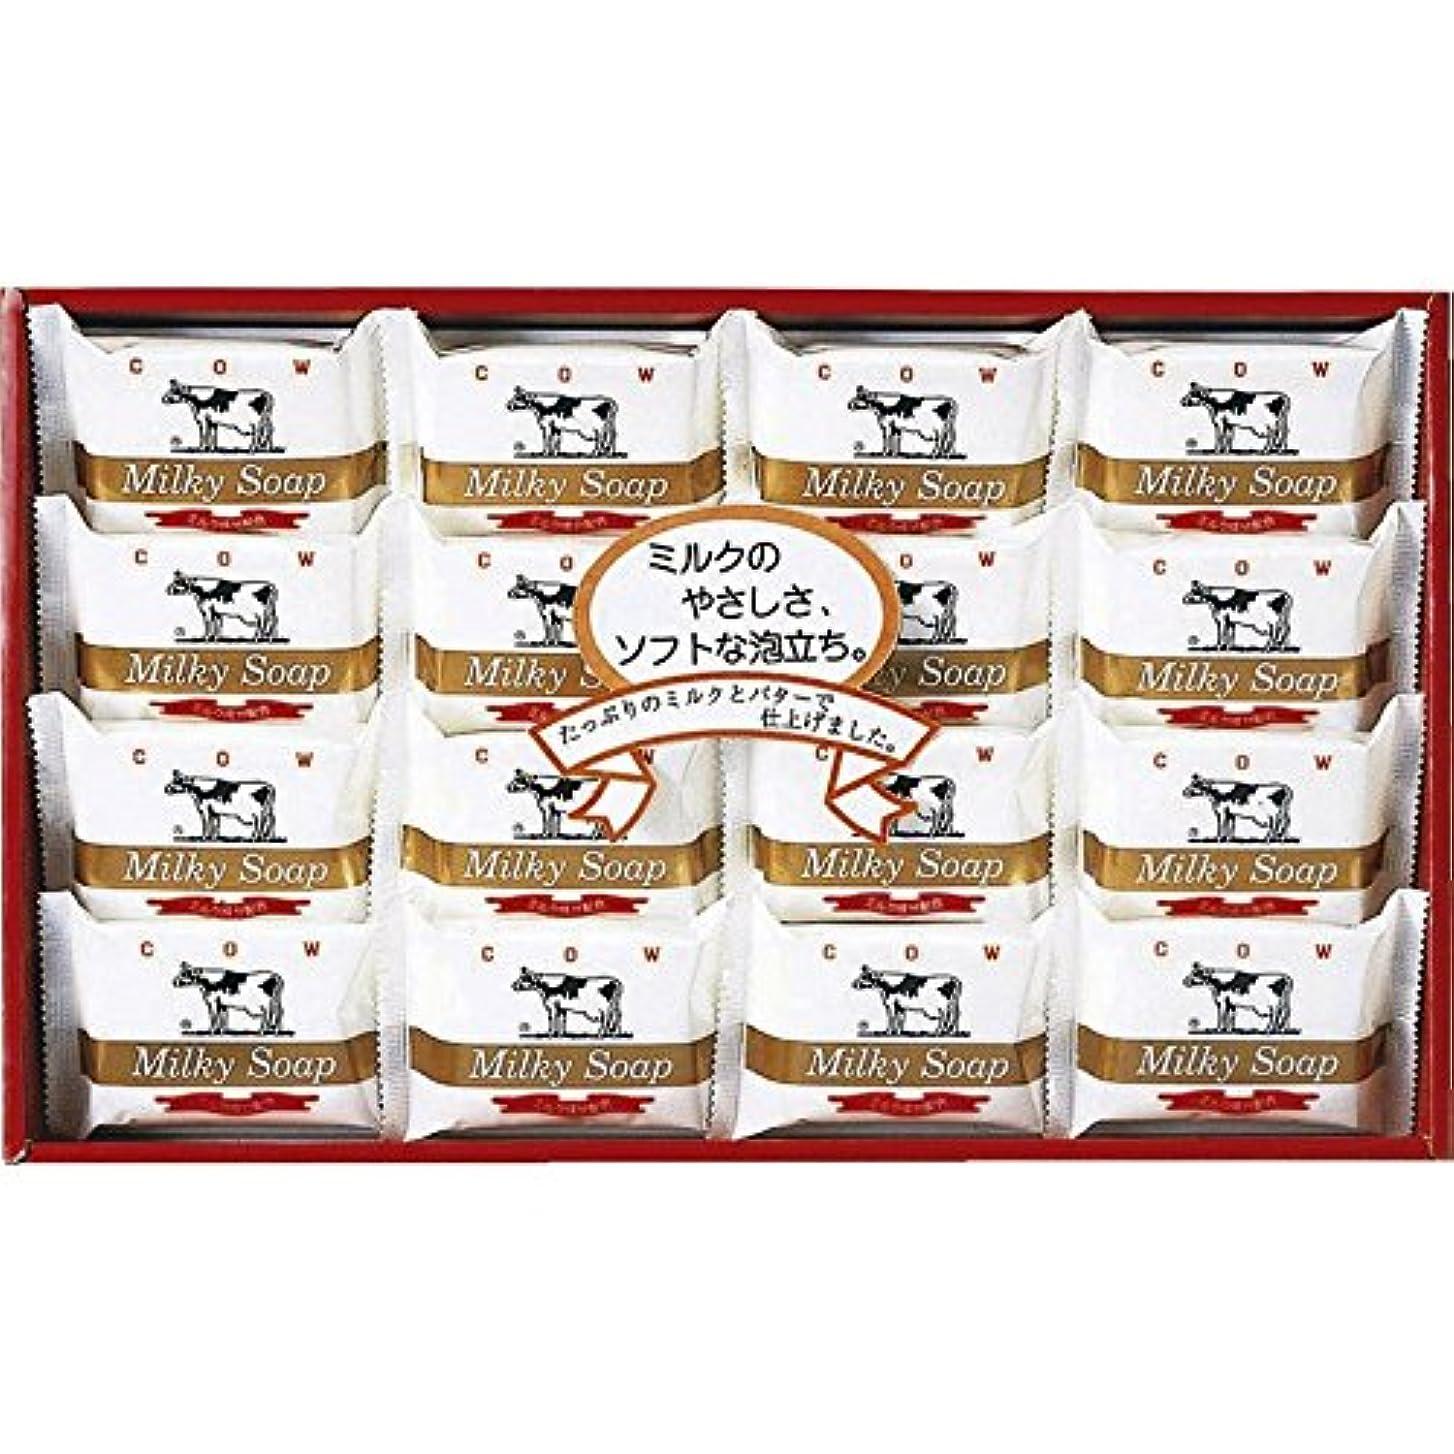 ドック当社広告する牛乳石鹸 ゴールドソープセット 【固形 ギフト せっけん あわ いい香り いい匂い うるおい プレゼント お風呂 かおり からだ きれい つめあわせ かうぶらんど 2000】